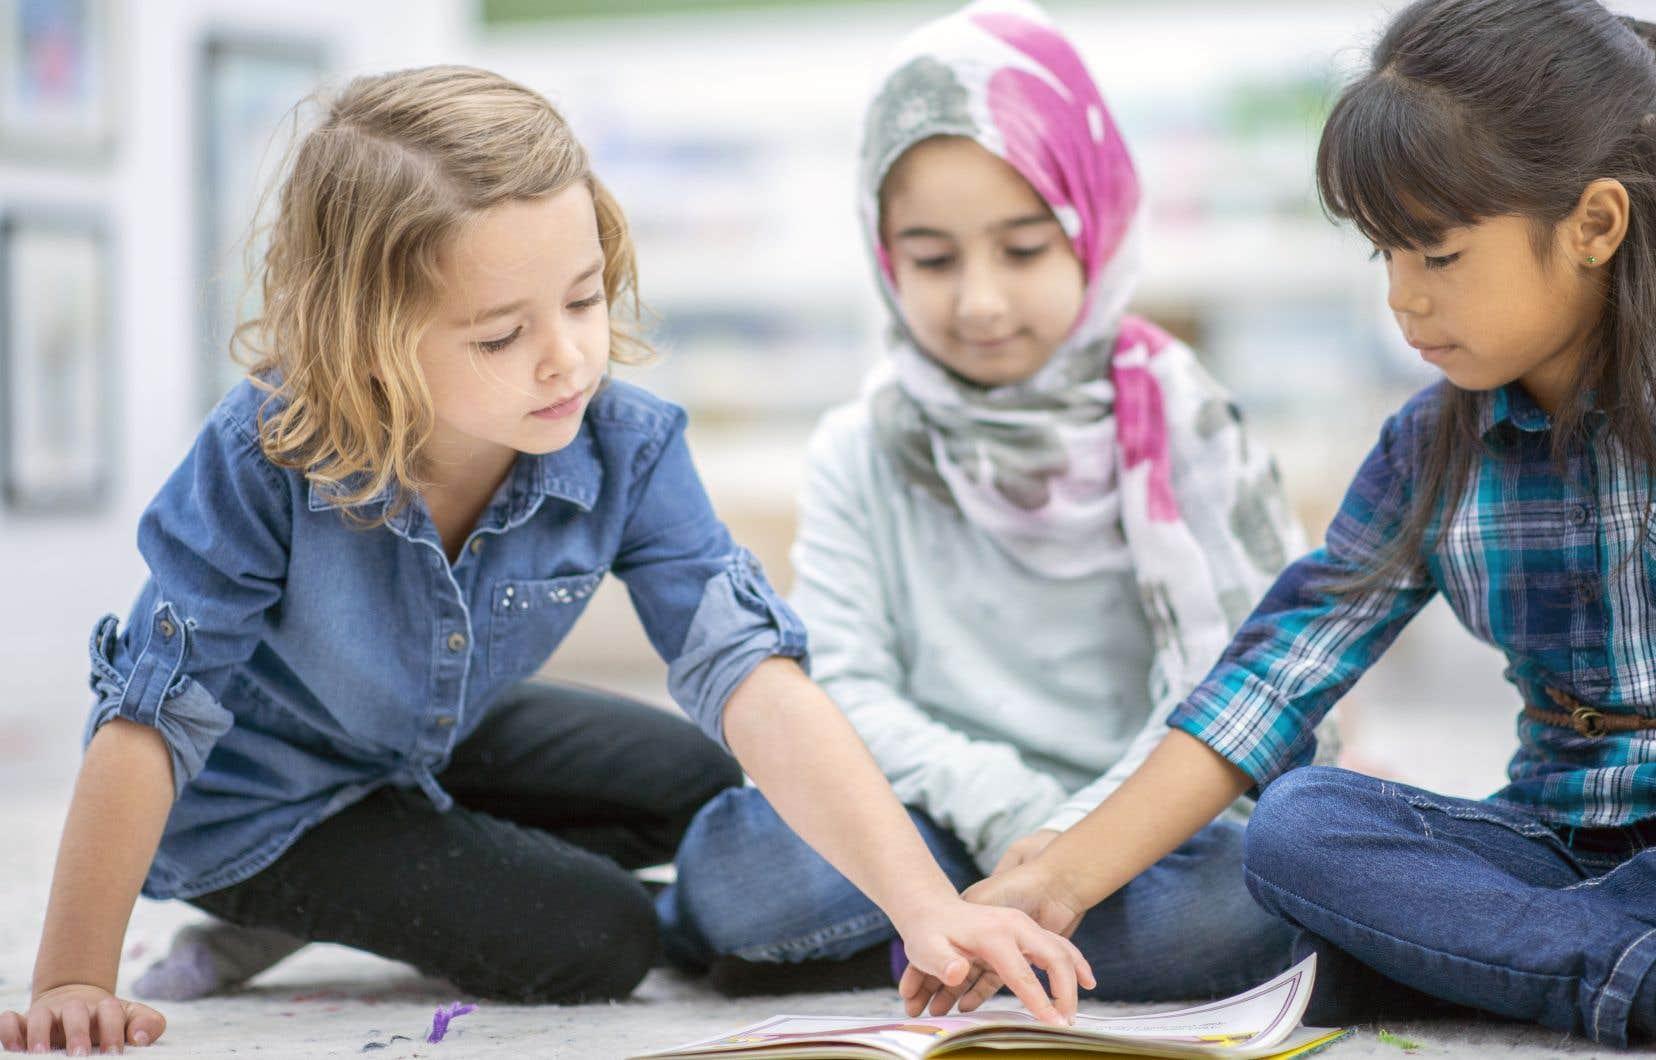 «Notre système scolaire accueille des milliers de jeunes de toute la planète. Il importe de valoriser les valeurs communes, dont le savoir et les connaissances», écrivent les auteurs.